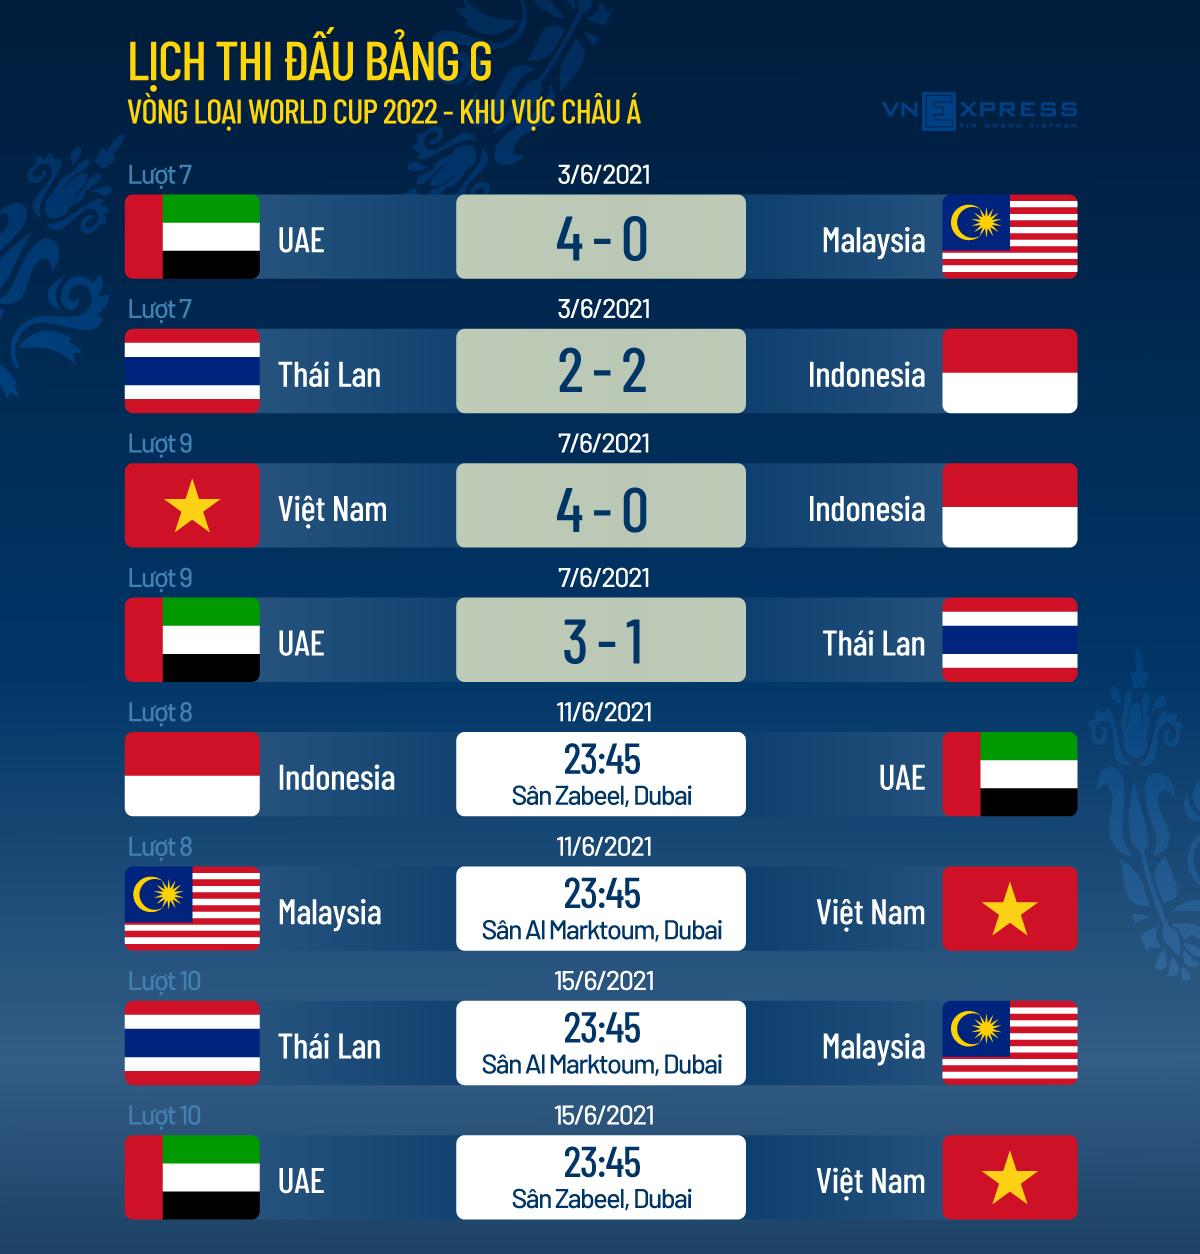 Dimana letak kelemahan Malaysia?  - 5